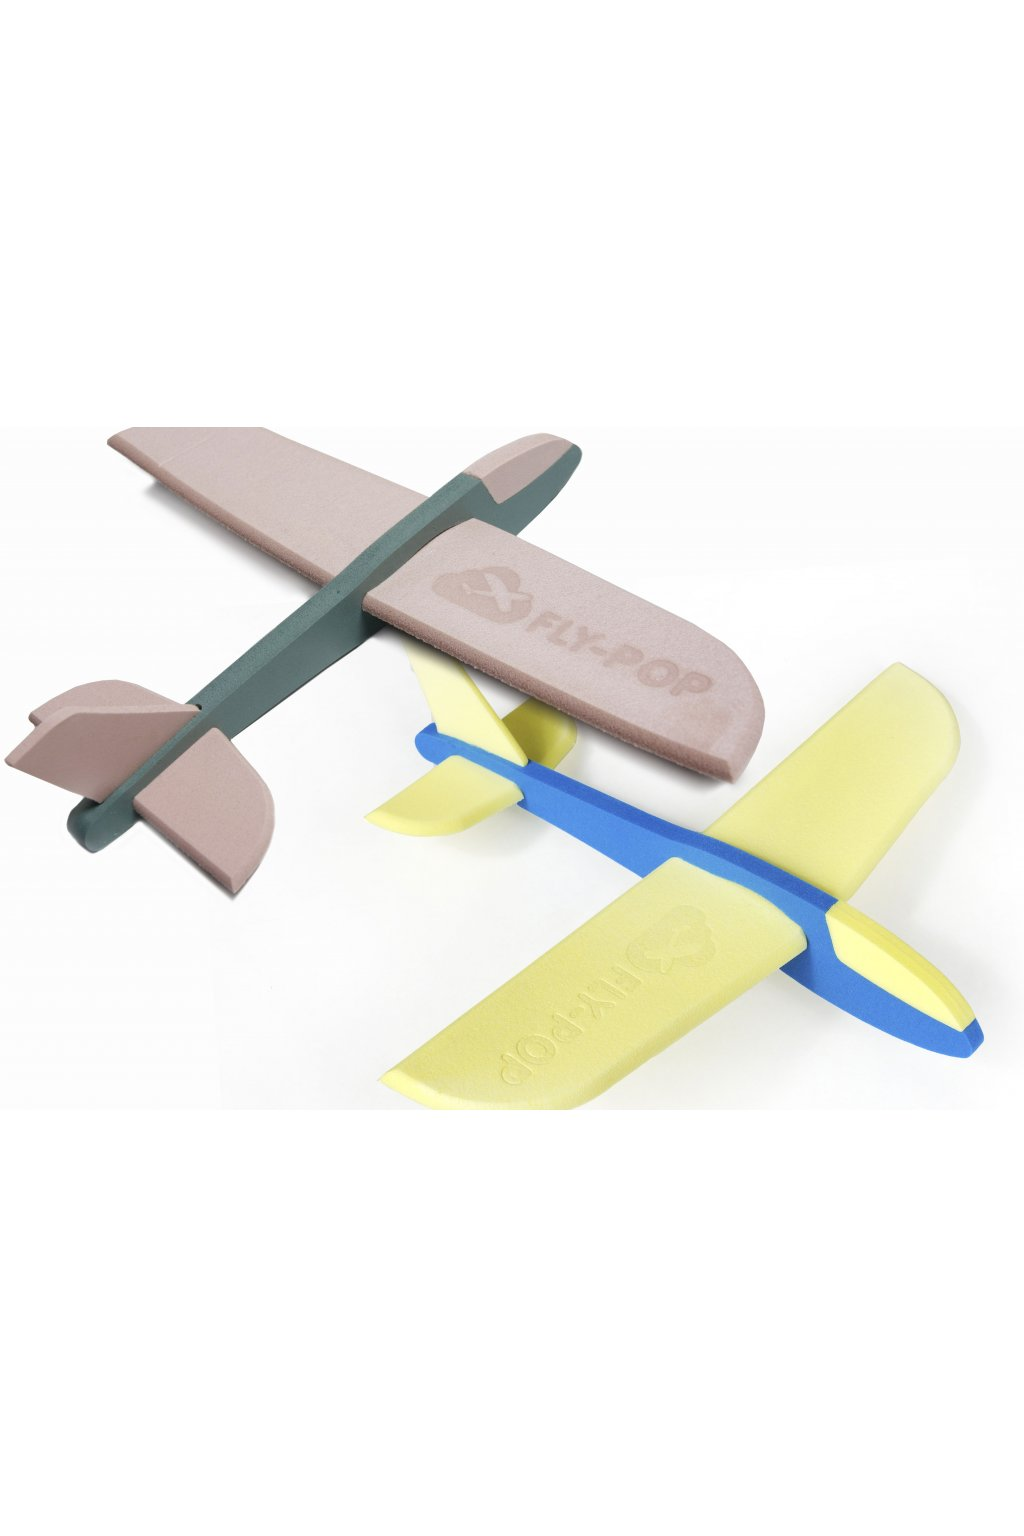 letadlo liitovka